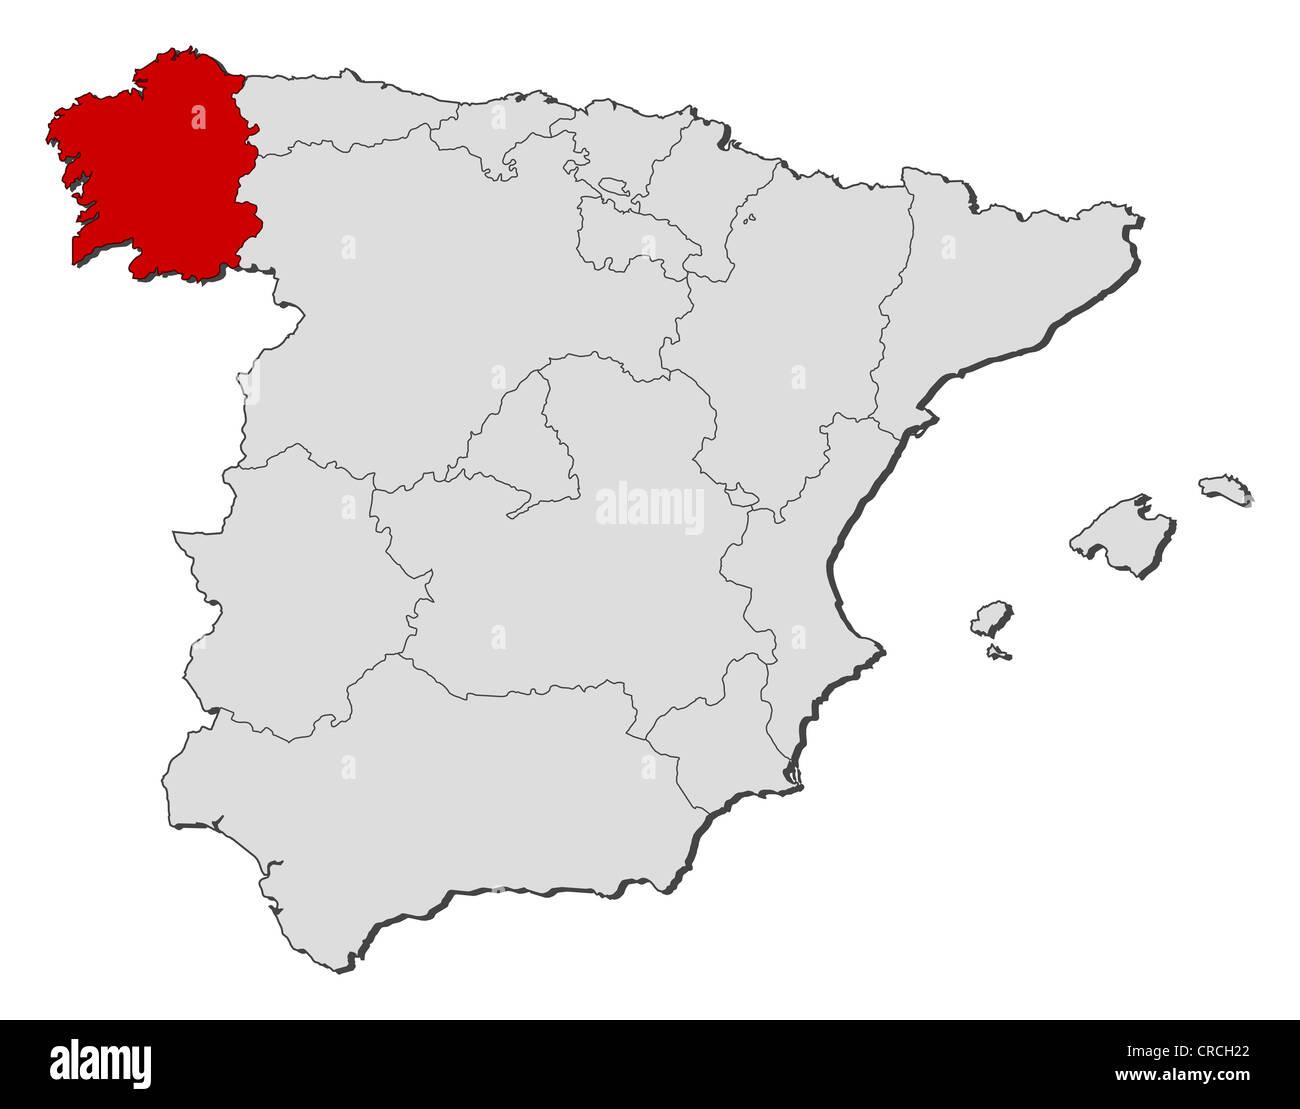 Mapa Politico De Espana Con Las Diversas Regiones Donde Galicia